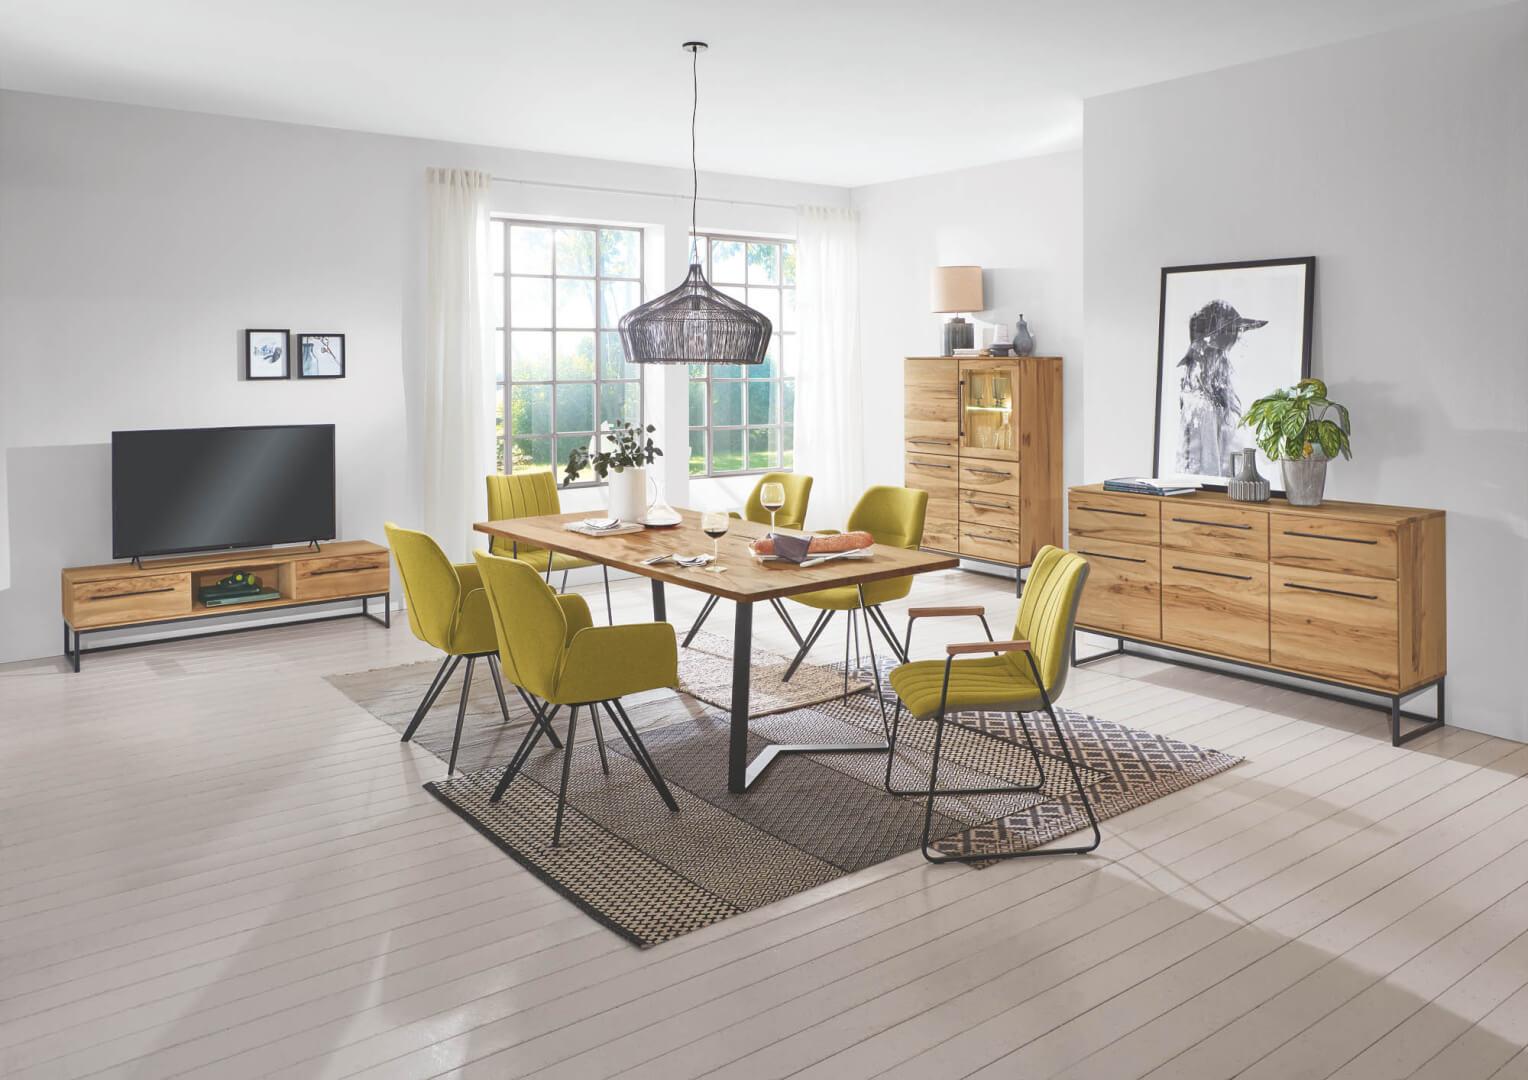 Design-Armlehnenstuhl mit Flachstahl Gestell